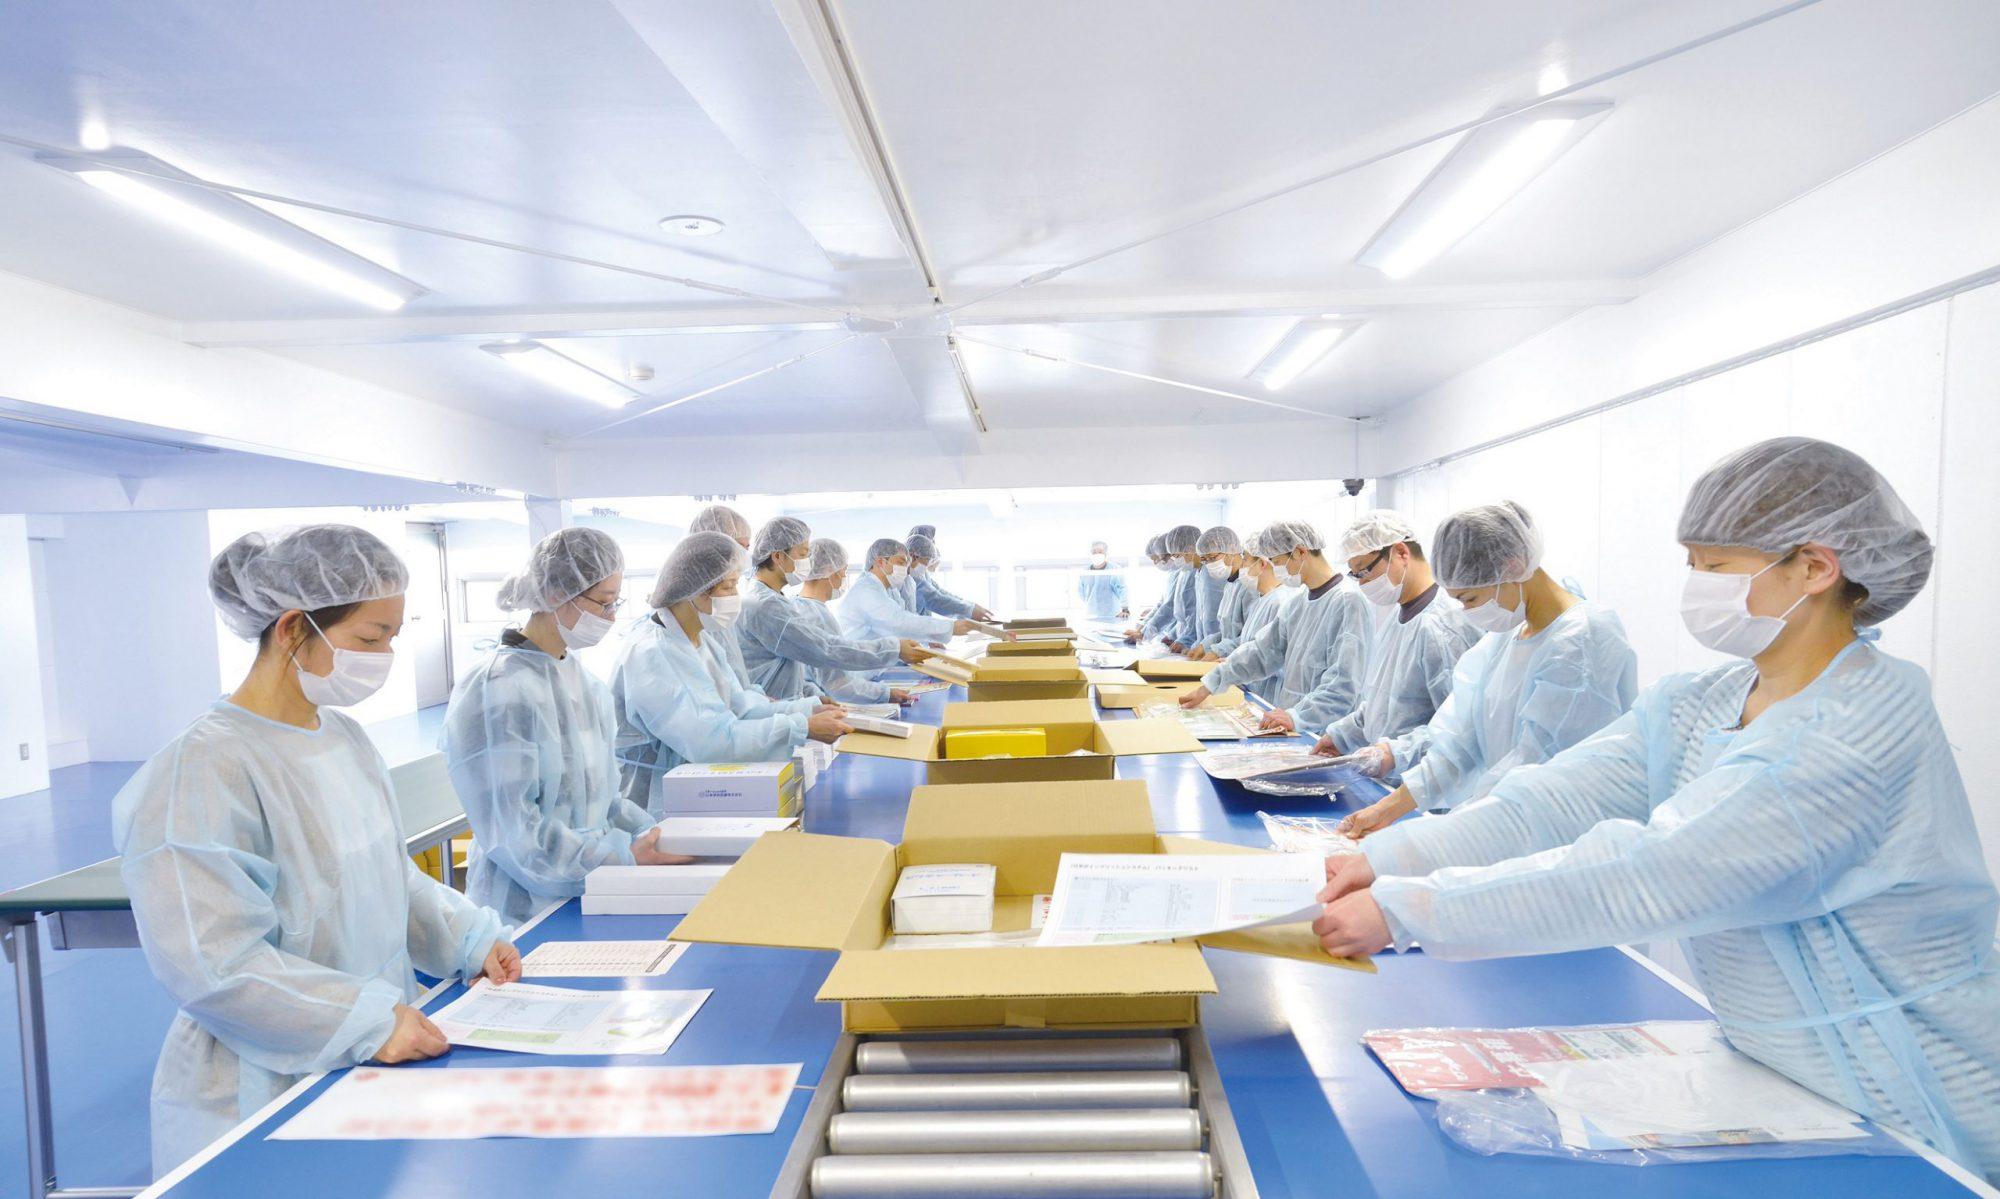 巧美堂印刷㈱KBクラフト事業部          手作業のプロフェッショナル